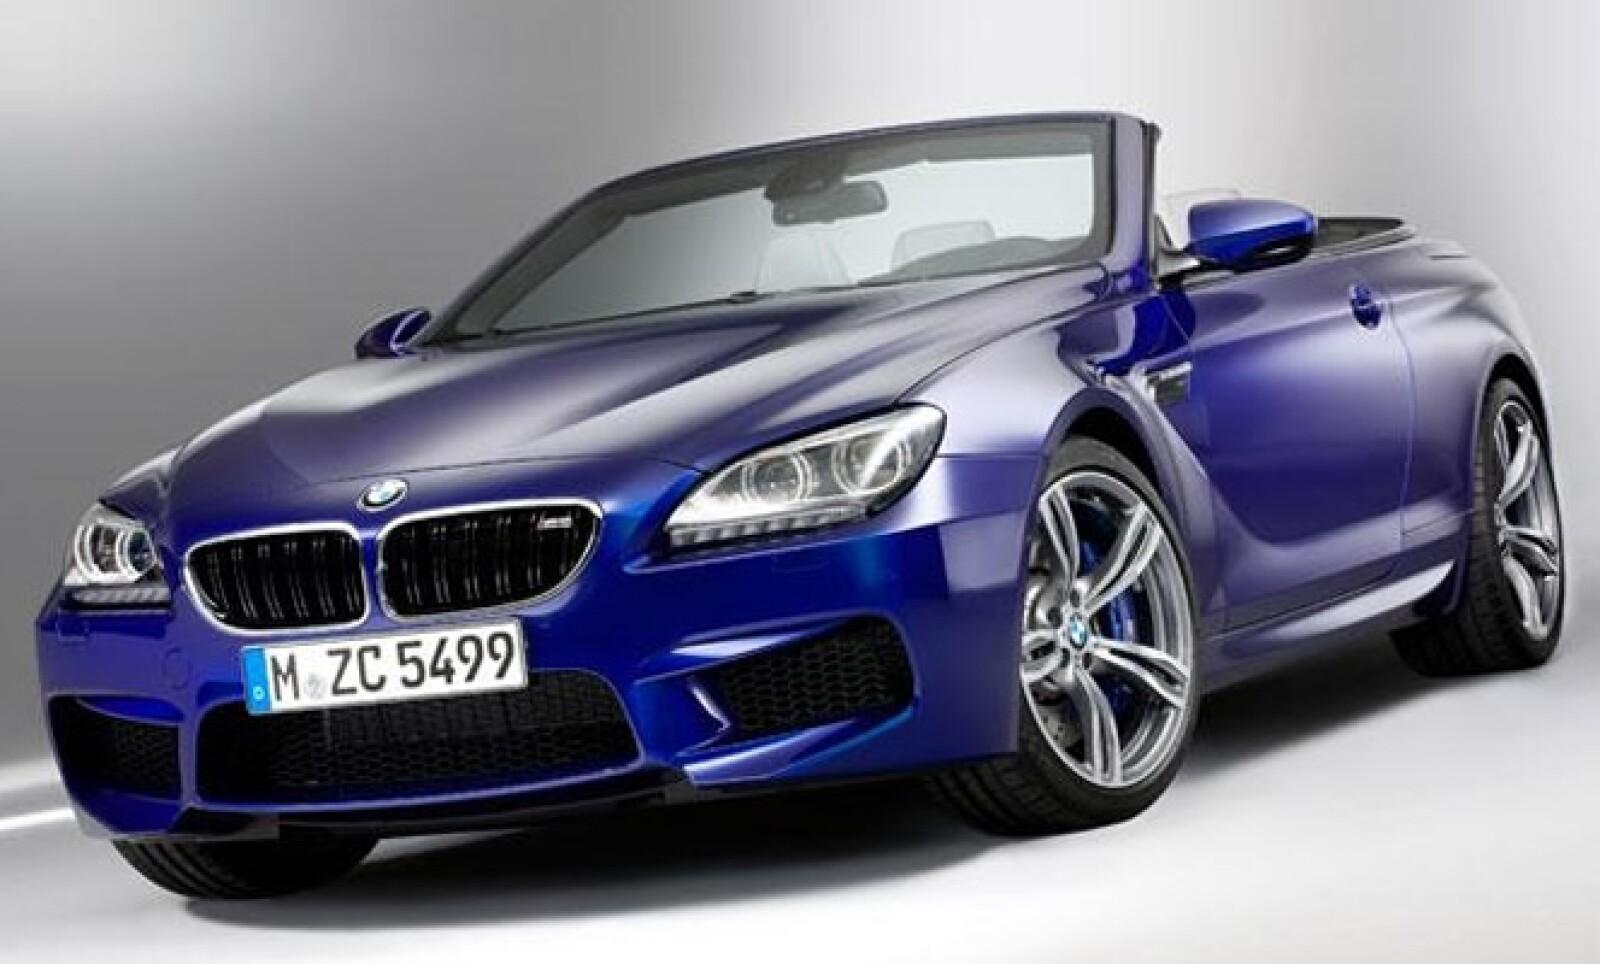 La automotriz alemana develó la nueva generación de su afamado deportivo en sus versiones coupé y convertible.